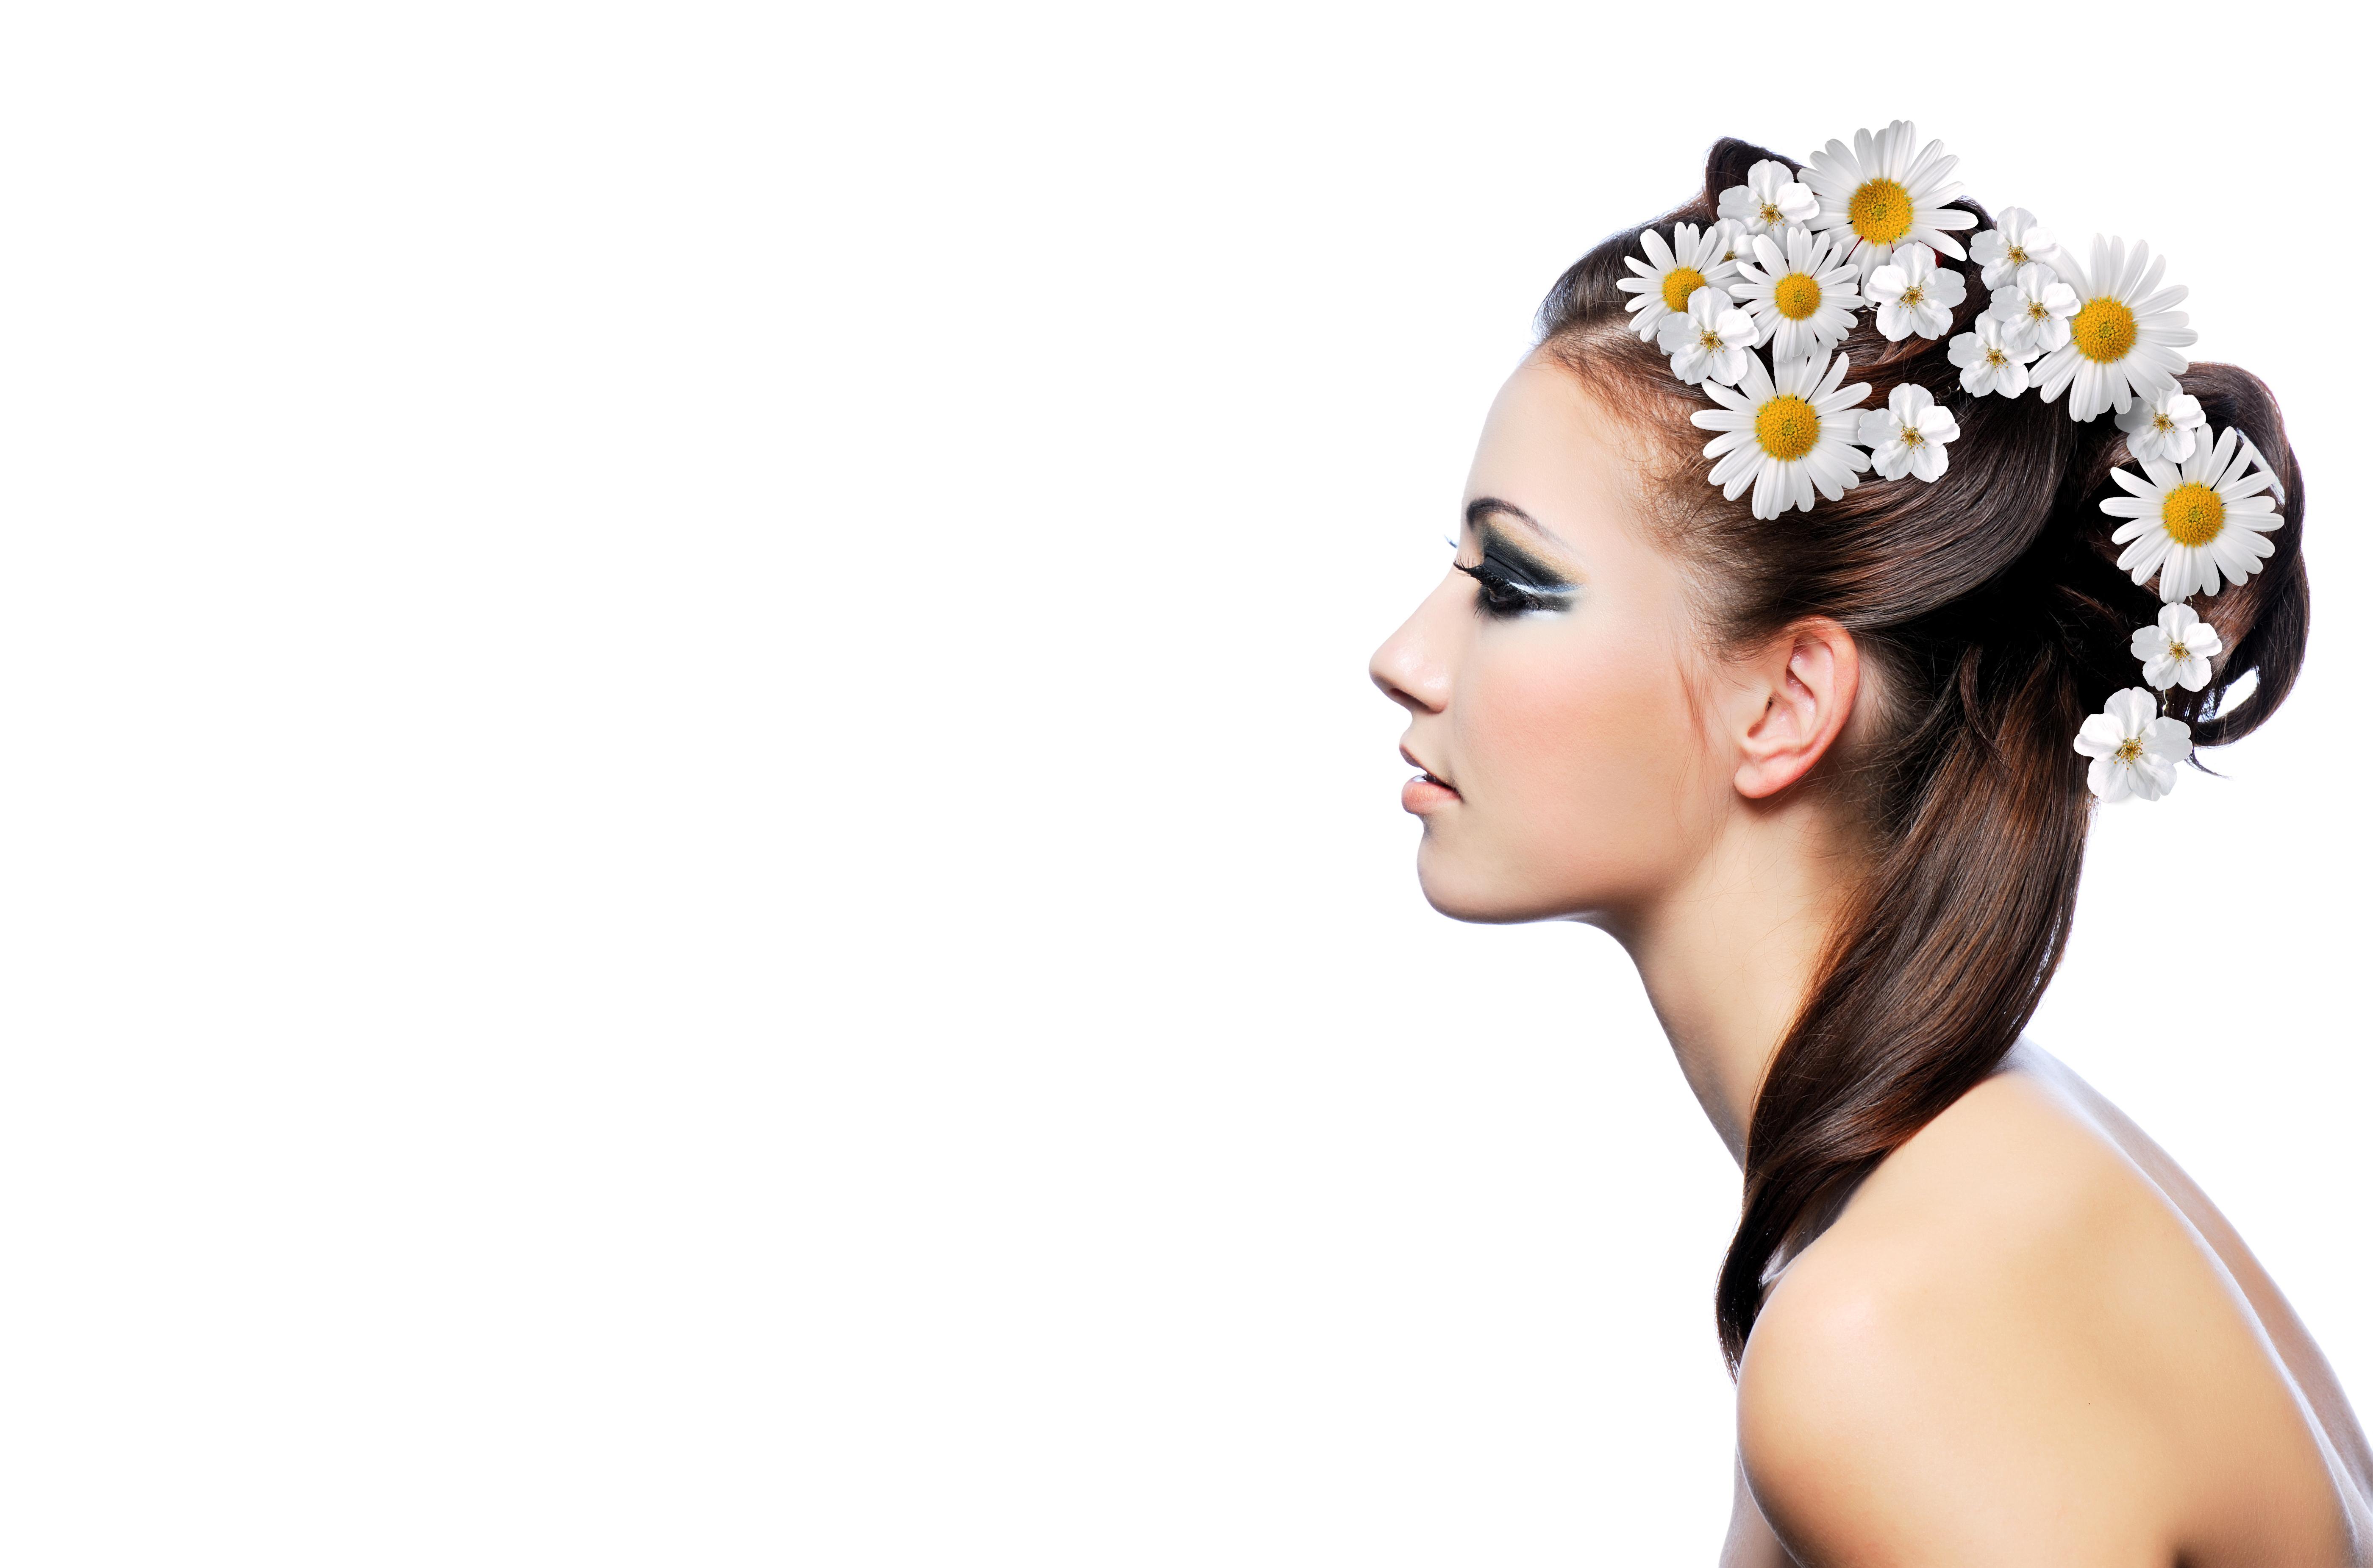 девушка блондинка весна венок цветы скачать